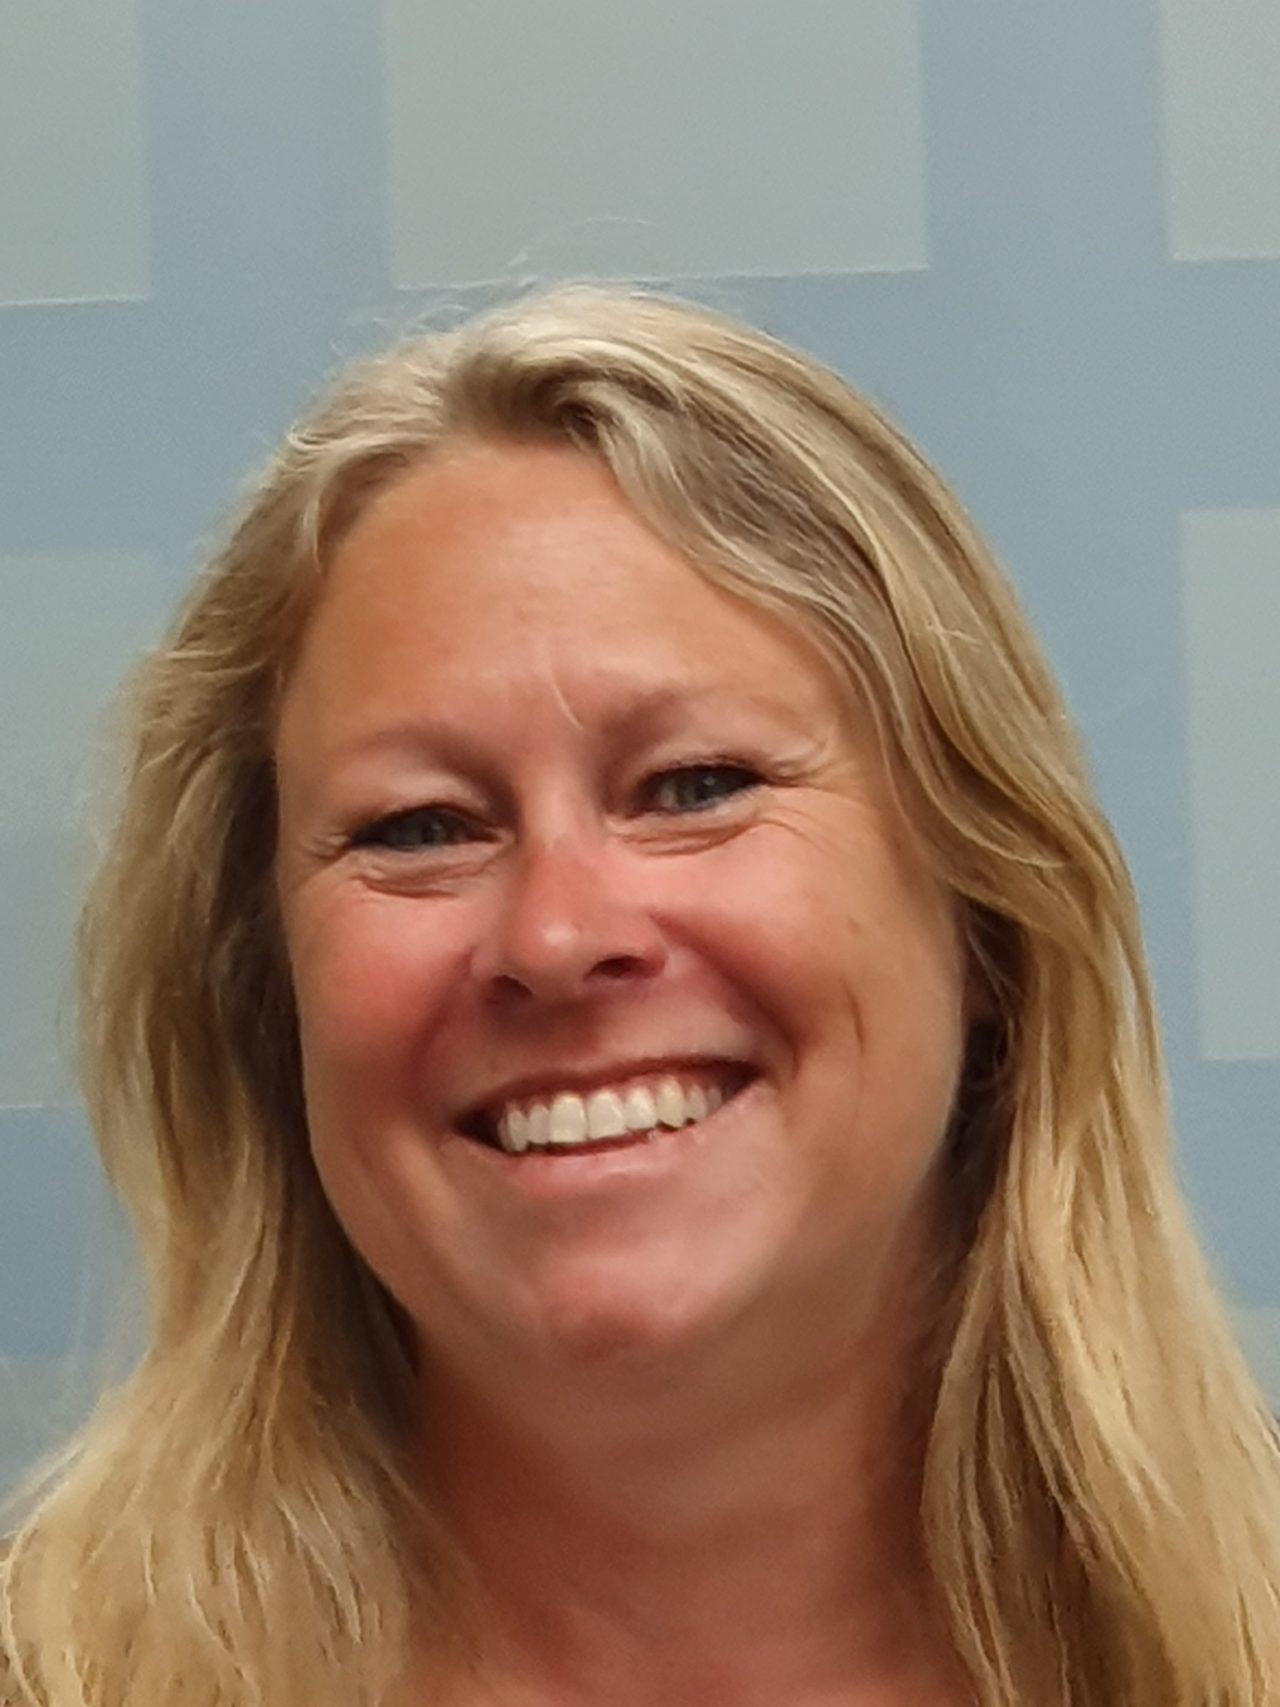 Rachel Plumstead